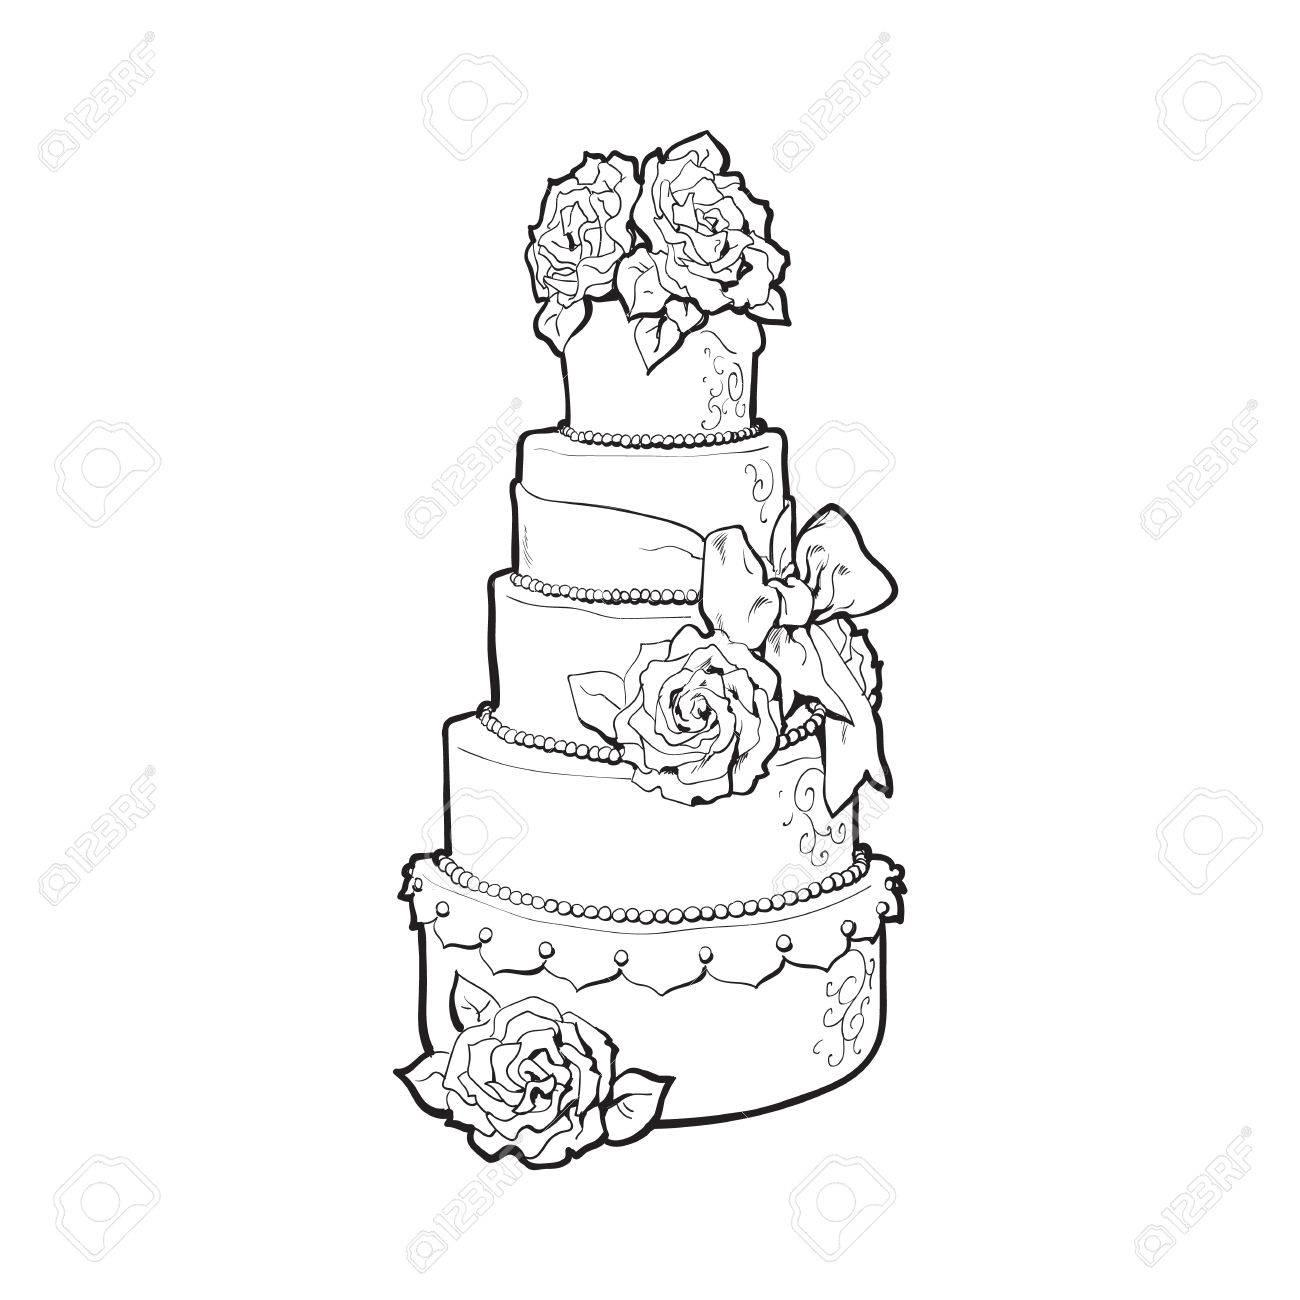 Traditionelle Weisse Hochzeitstorte Mit Marzipan Rosen Illustration